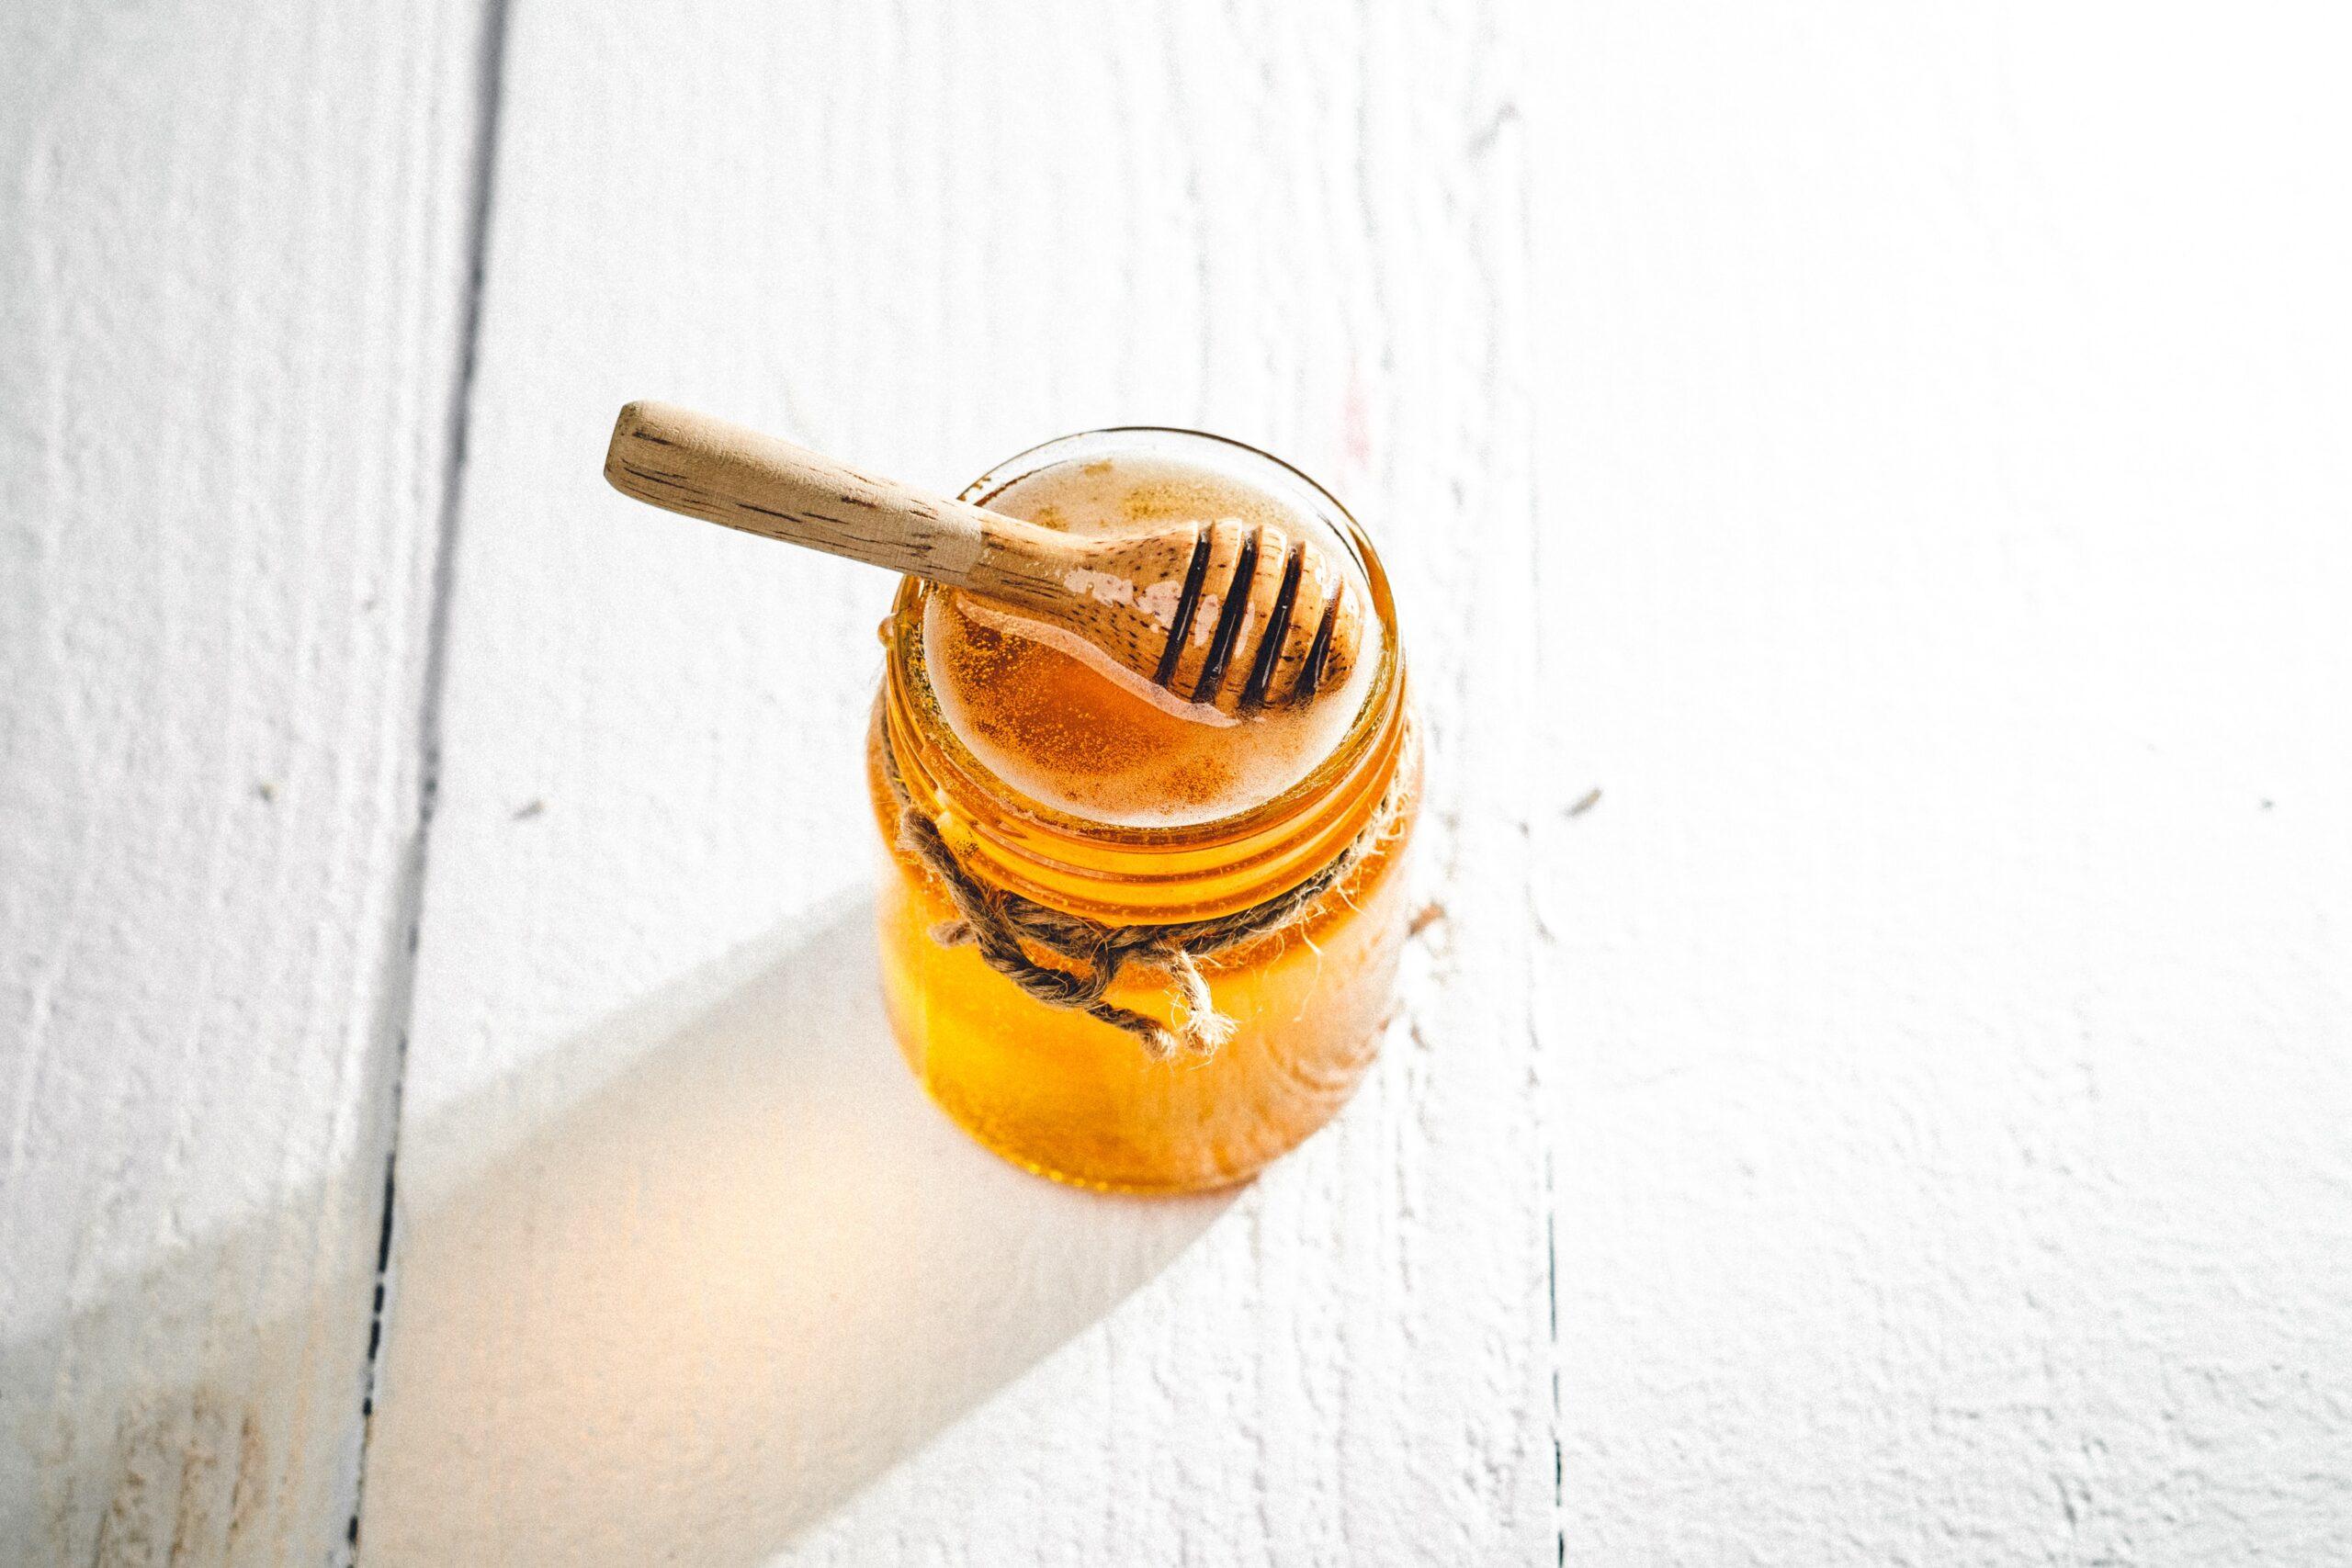 隠し事はバレるとは限らない…賢ければ隠し事と秘密は蜜の味ということ